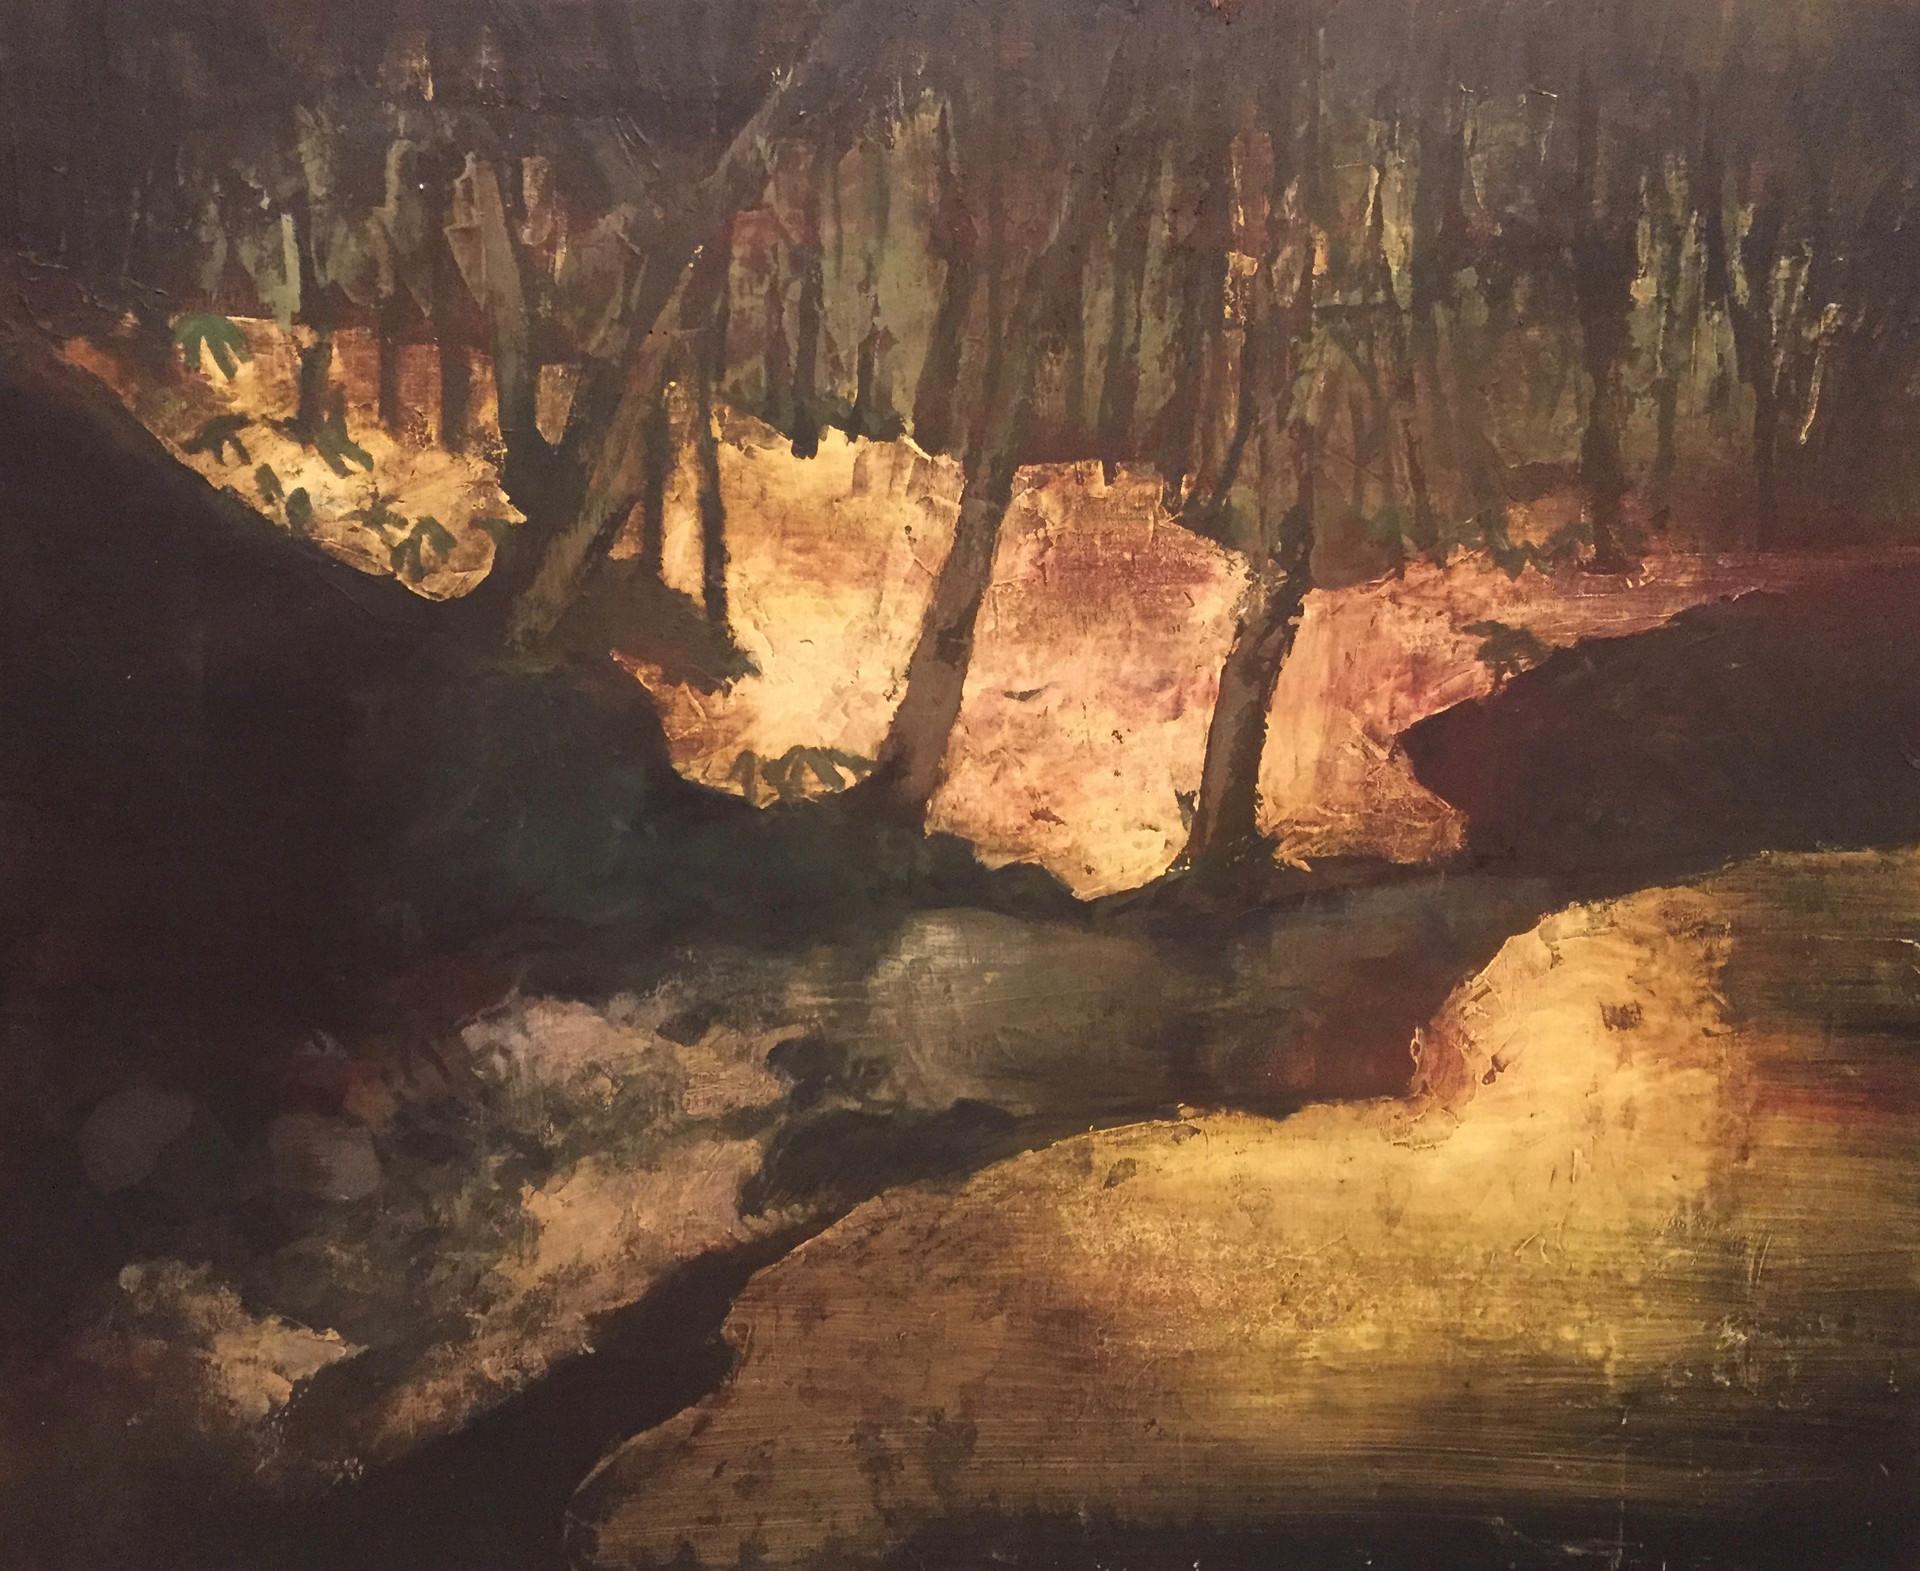 風景 | アクリル、油彩、木板 | 2016